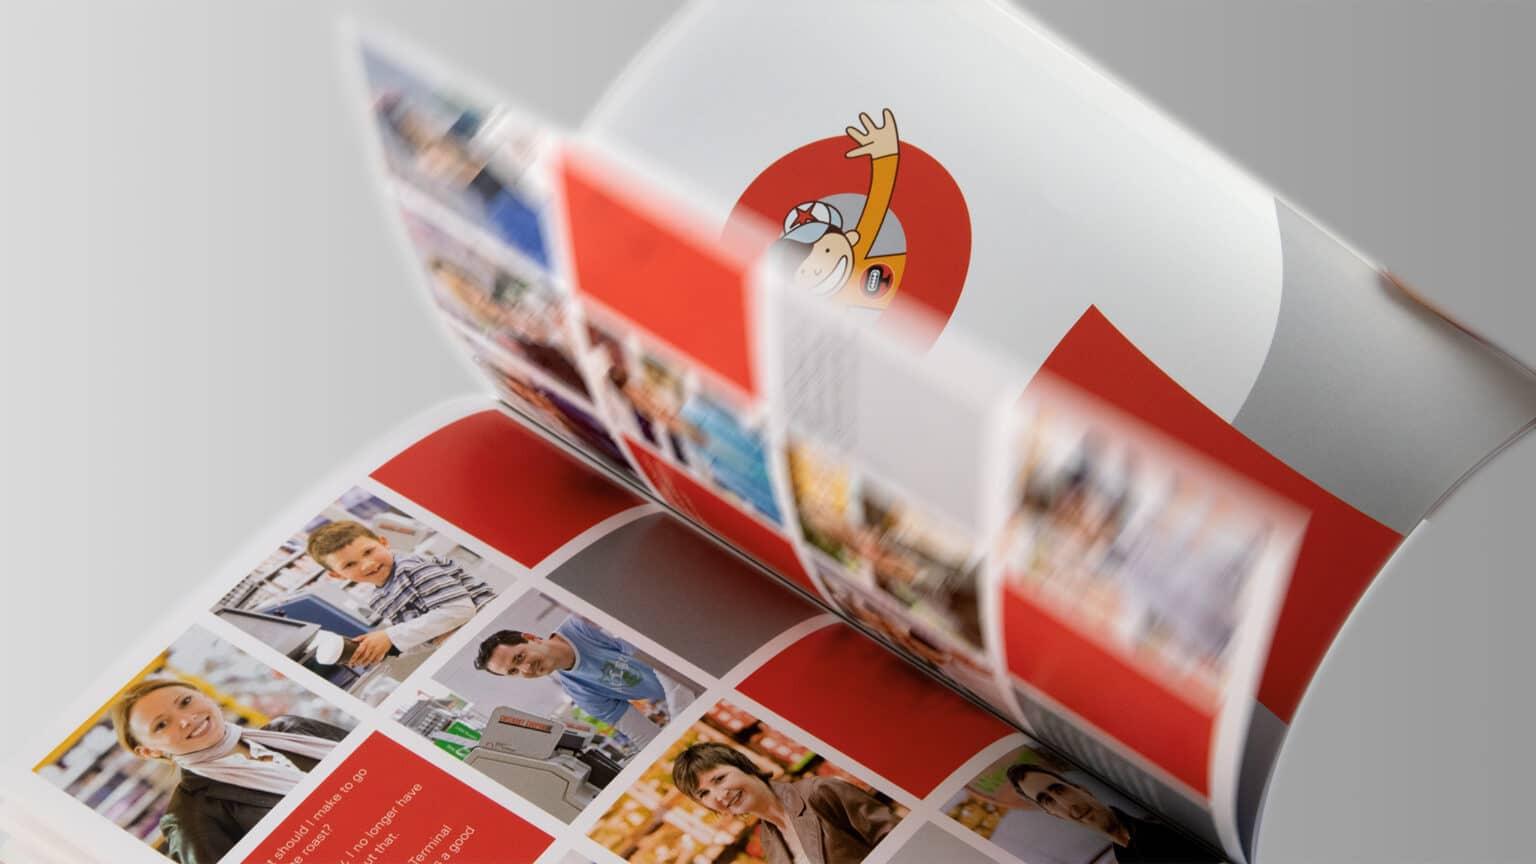 15_Metro_FSI-Editorial-Design-8